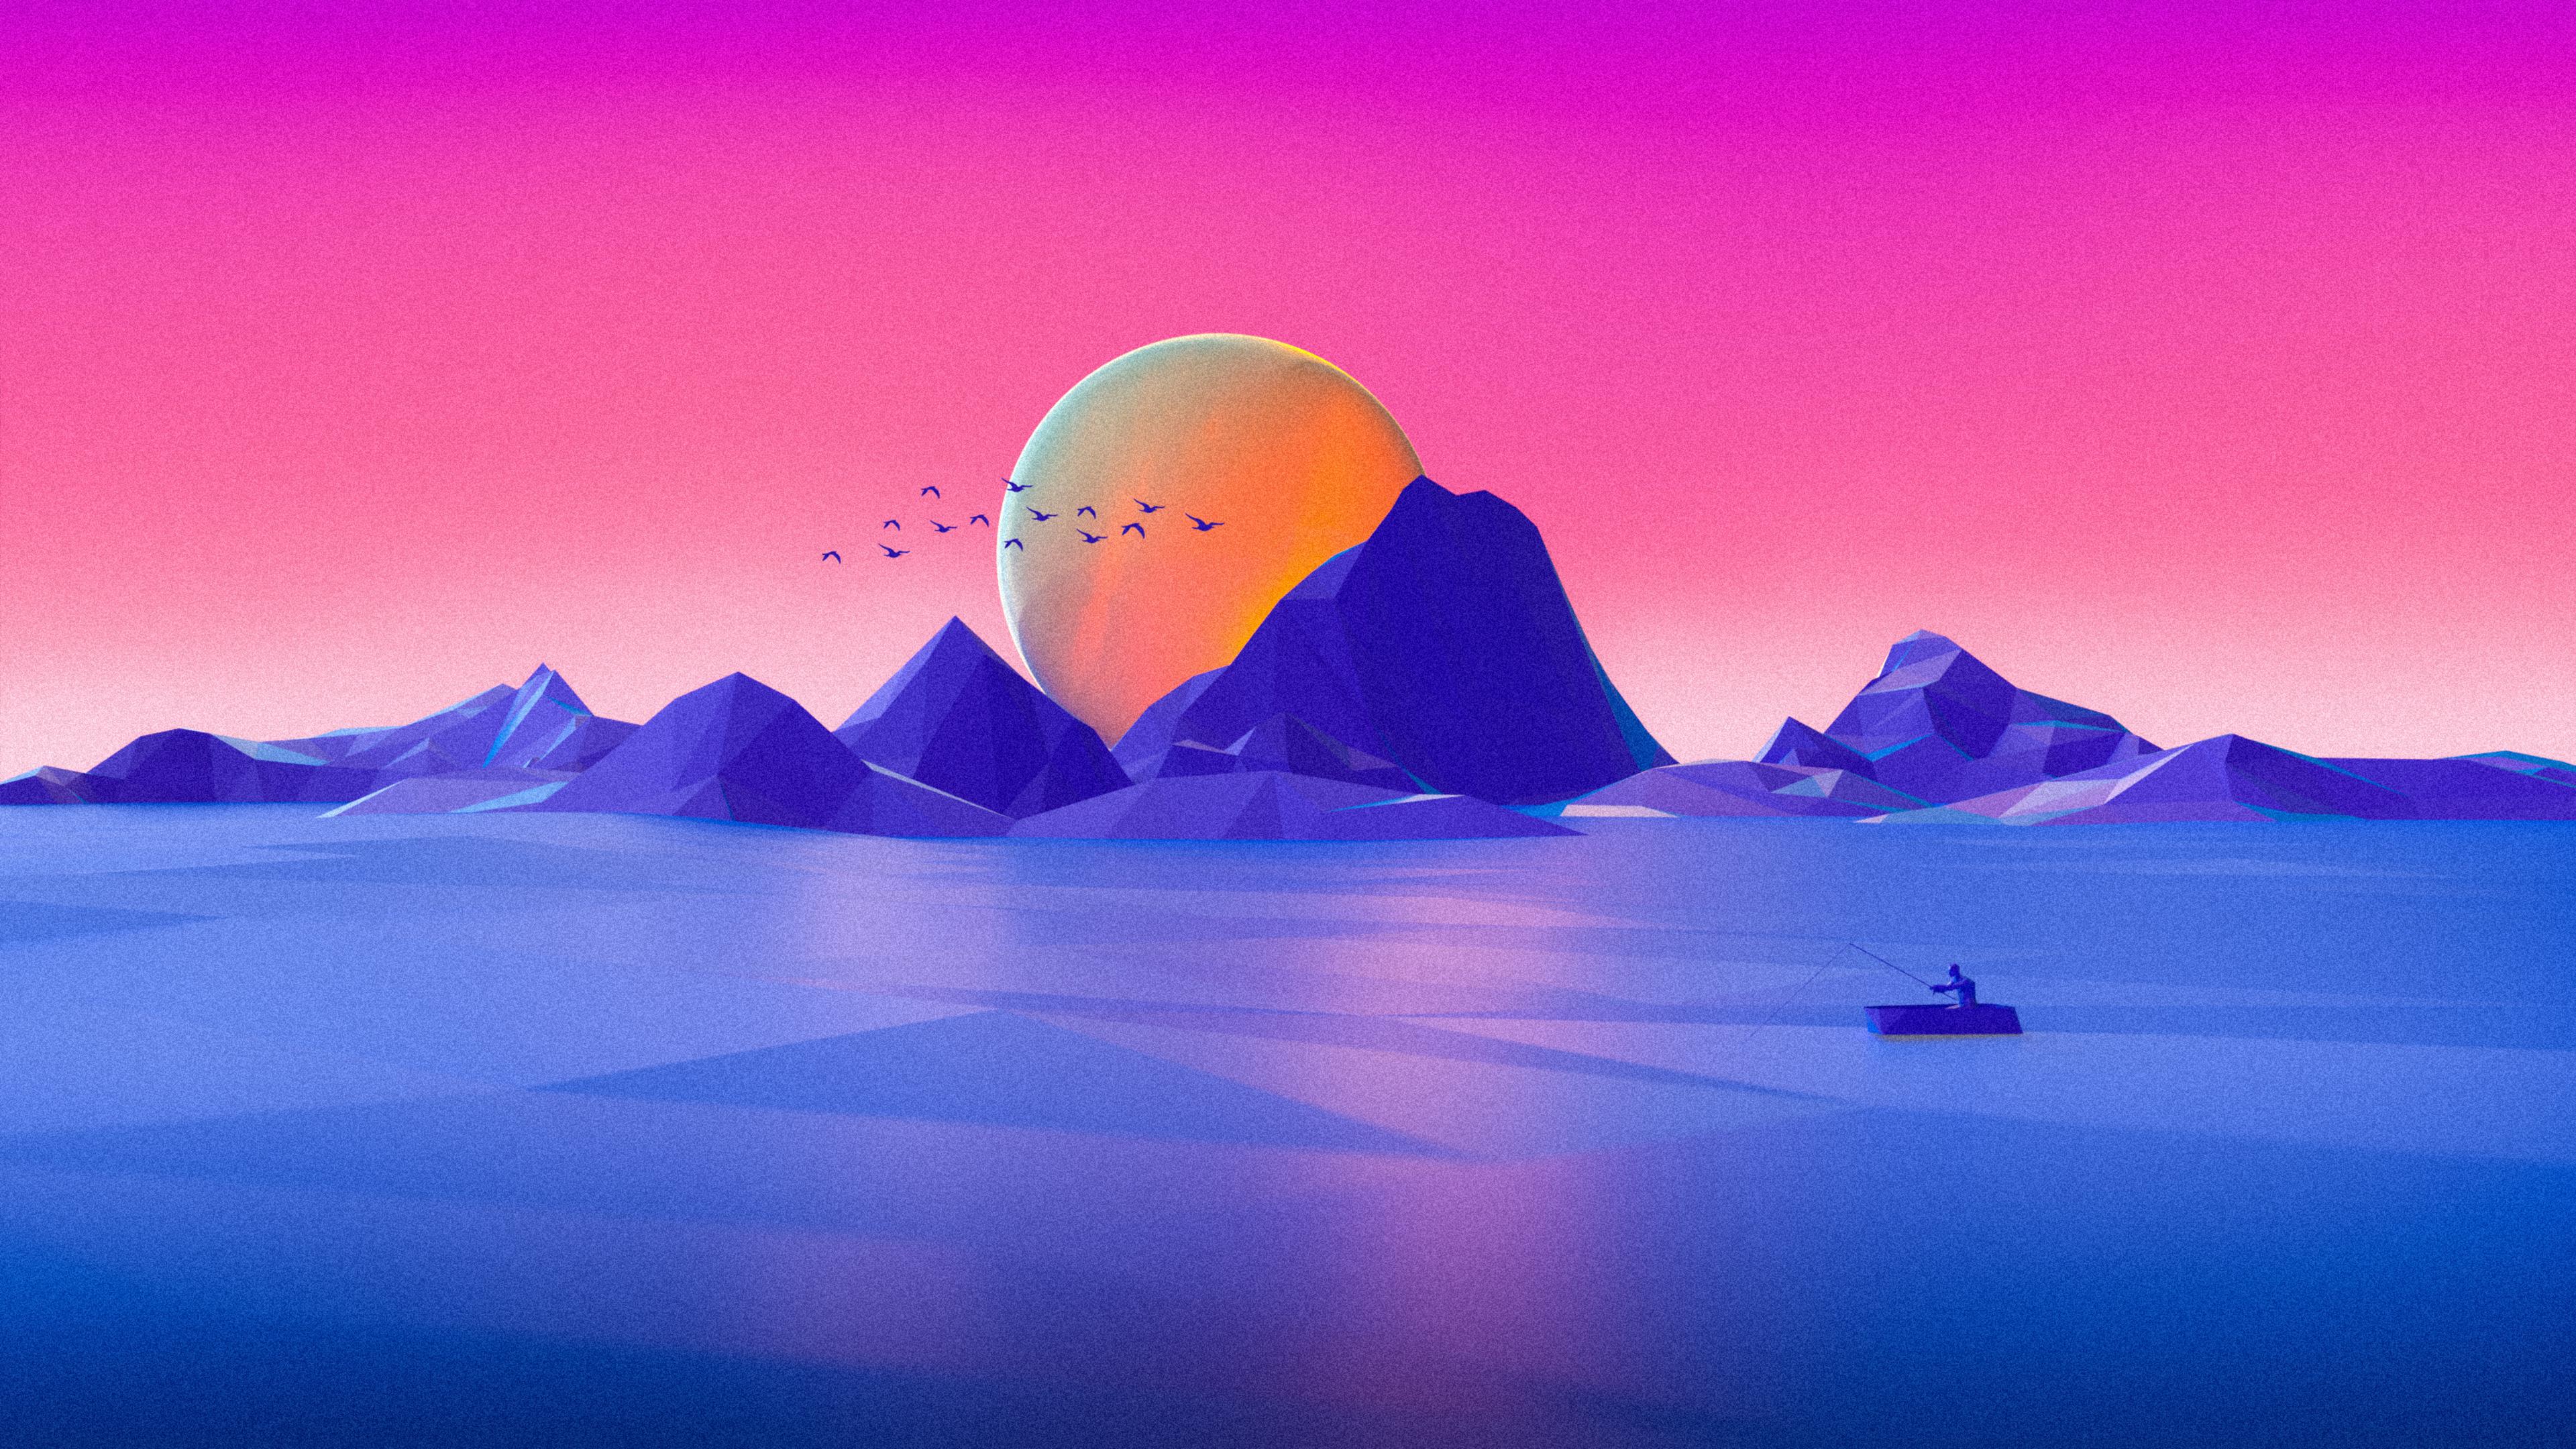 3840x2160 Minimalist Landscape Cgi 4k HD 4k Wallpapers ...